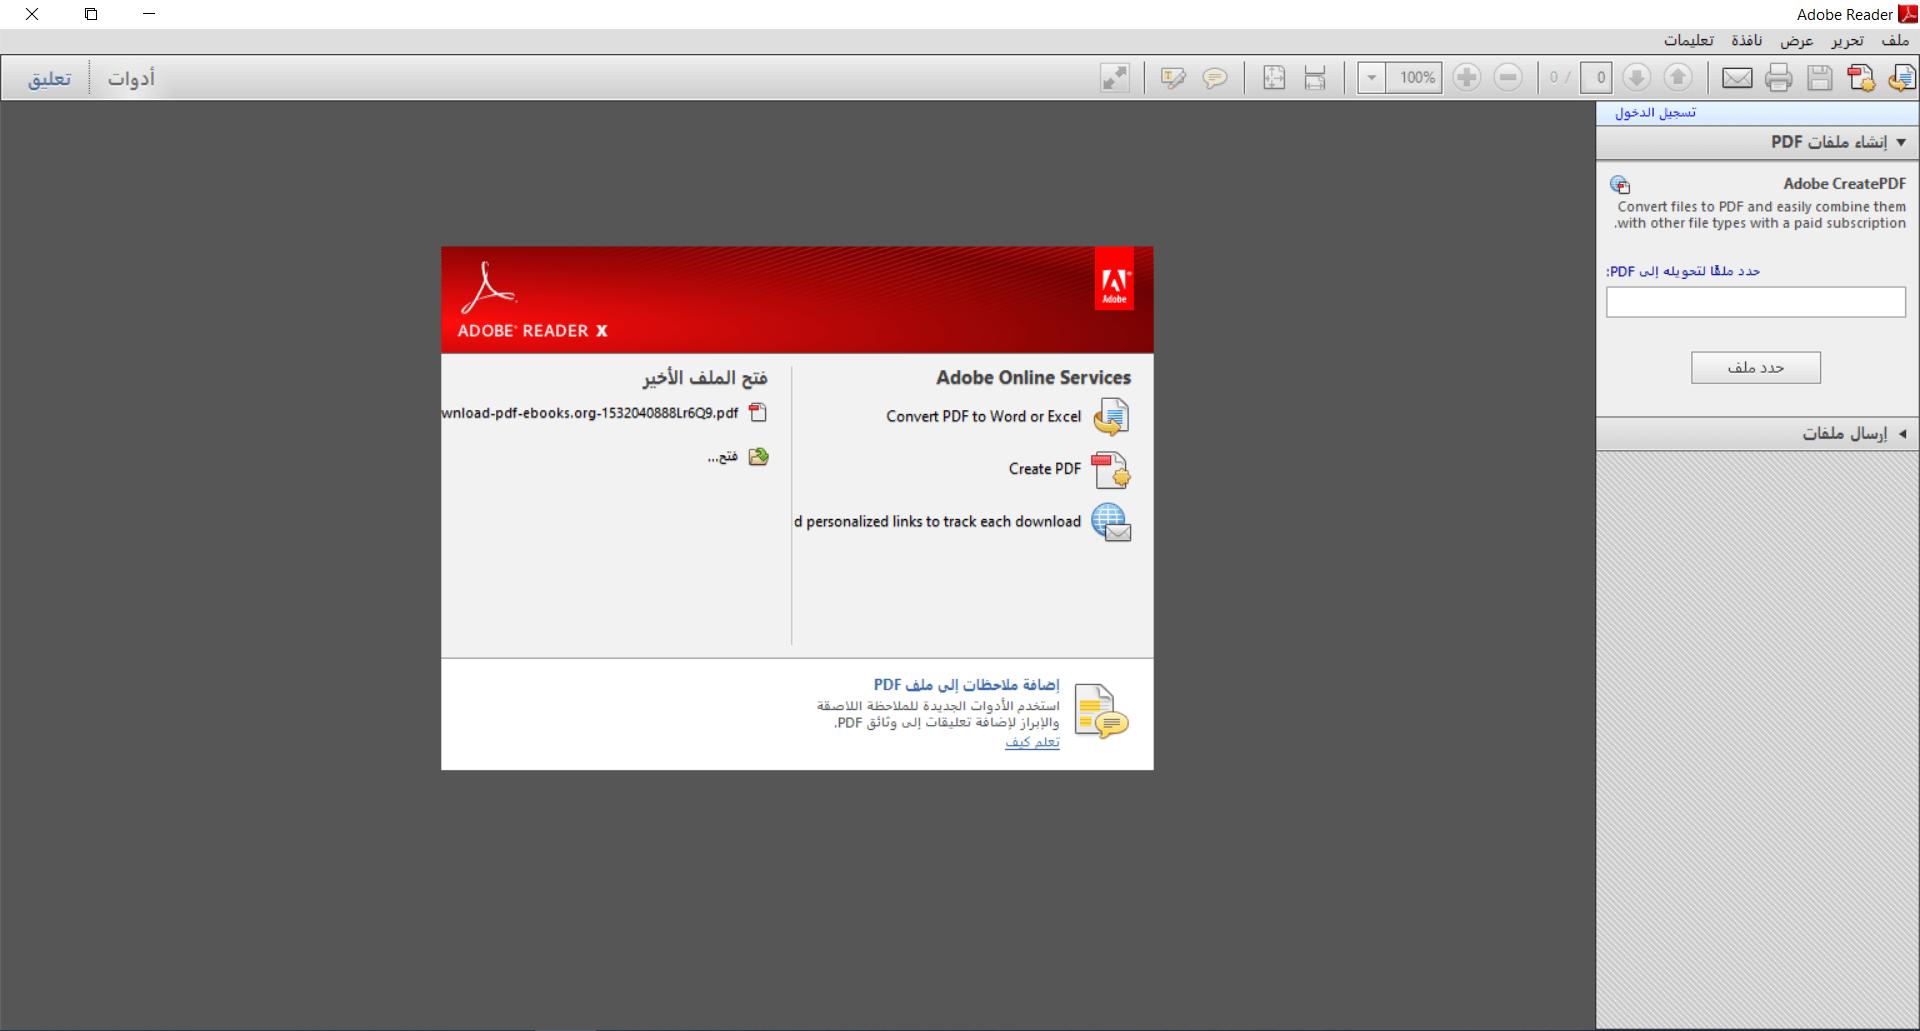 تحميل برنامج PDF عربي للكمبيوتر والموبايل مجانا وبحجم صغير img 2079